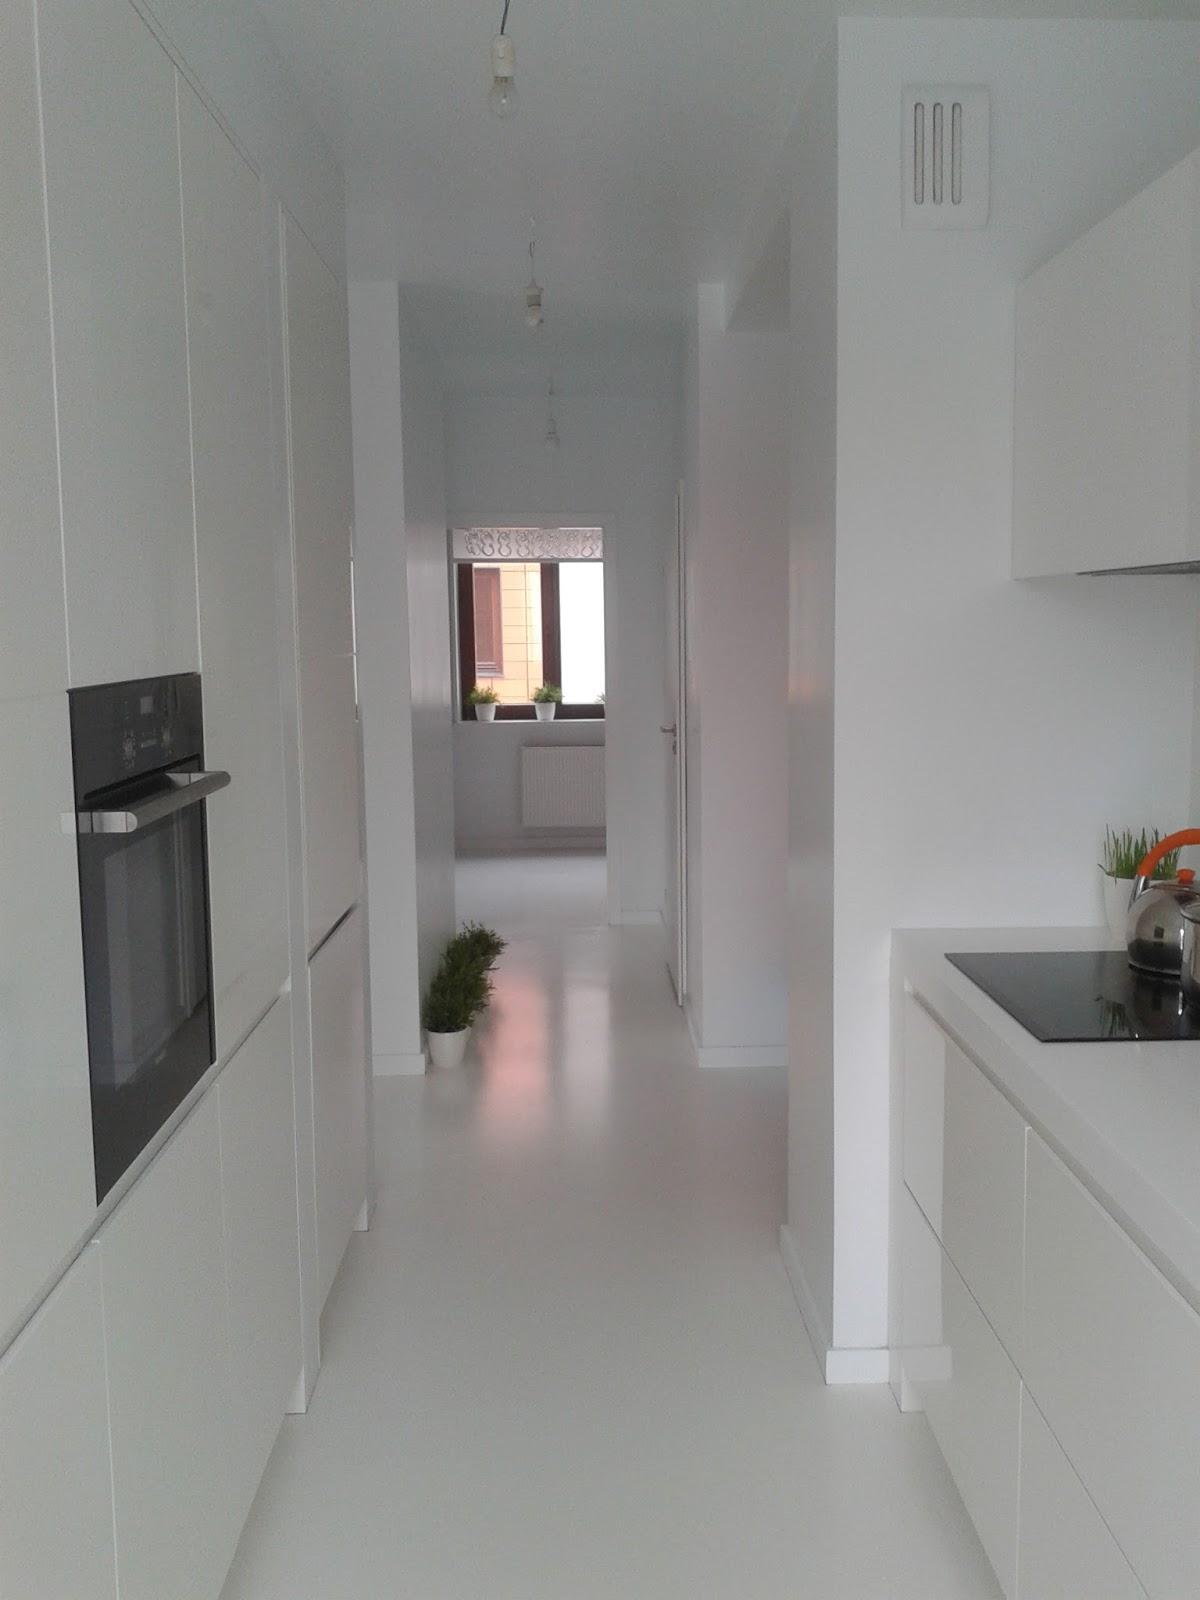 Biała podłoga w mieszkaniu, biała wylewka na podłodze, białą podłoga w kuchni, białe wnętrza, białe meble kuchenne na wysoki połysk